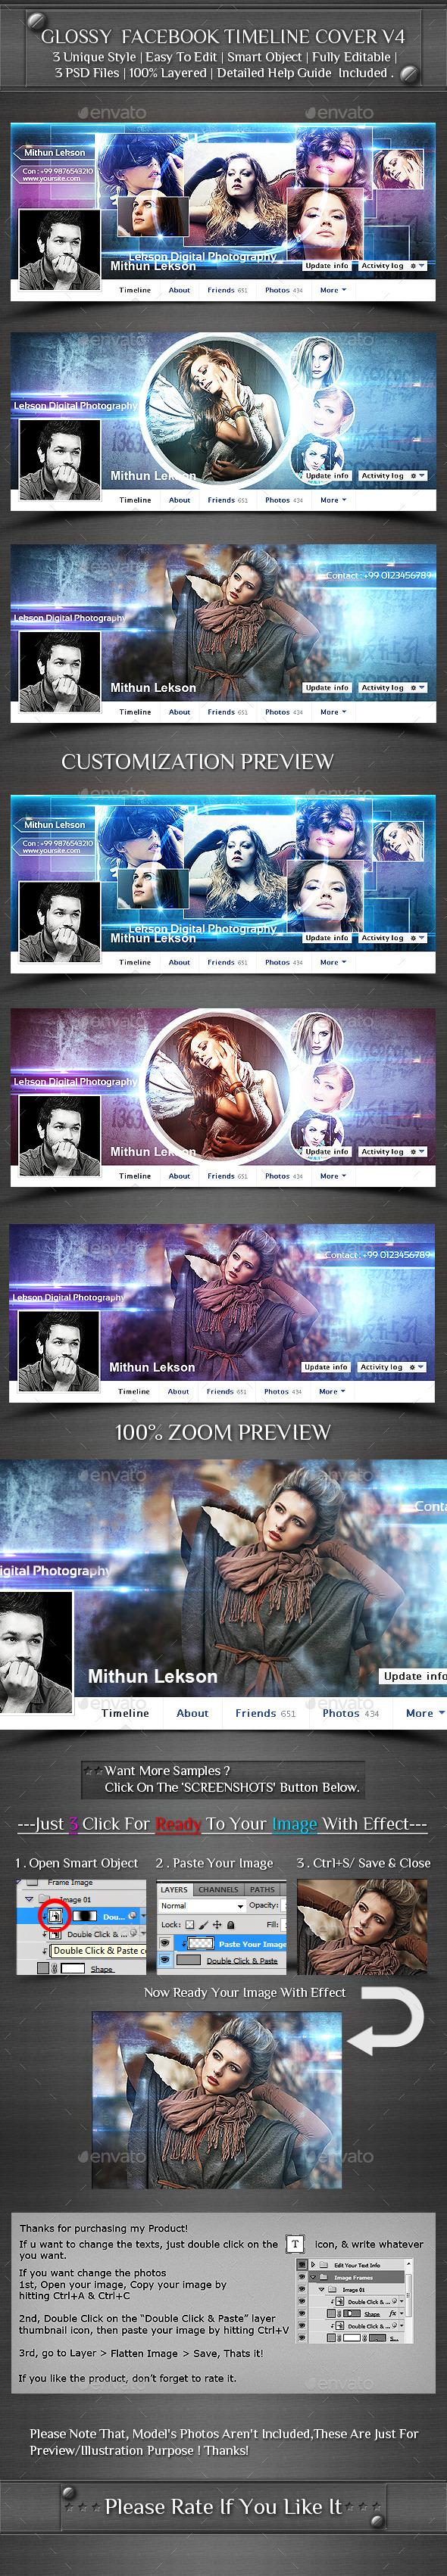 Glossy Facebook Timeline Cover V4 - Facebook Timeline Covers Social Media